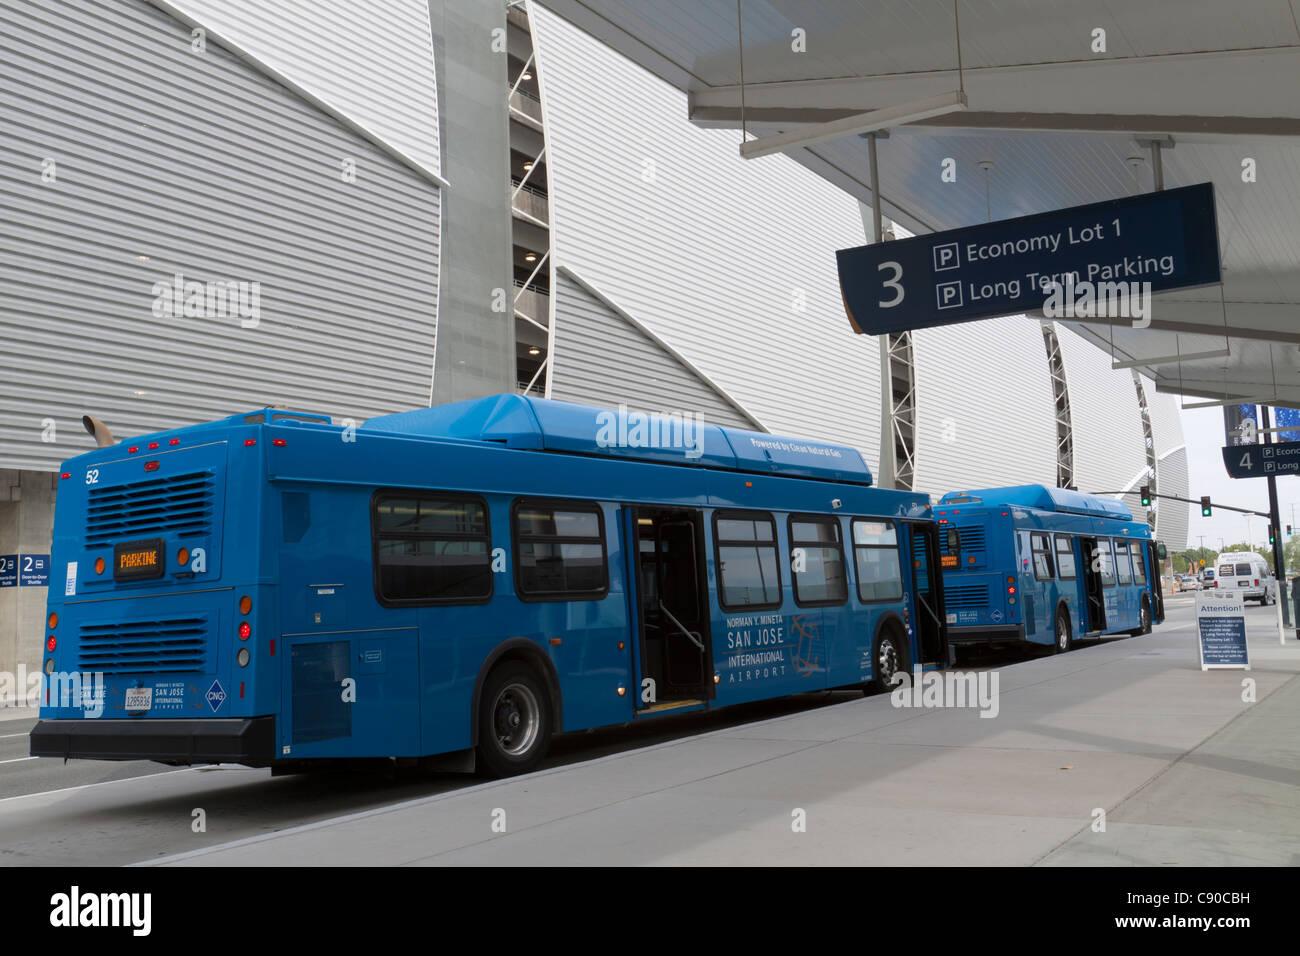 Los autobuses azules esperando en el bordillo de la acera para ir a la zona de aparcamiento de larga duración Imagen De Stock